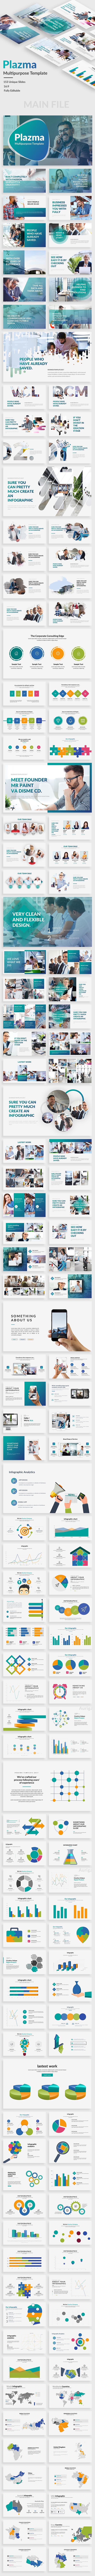 Plazma Multipurpose Premium Powerpoint Template